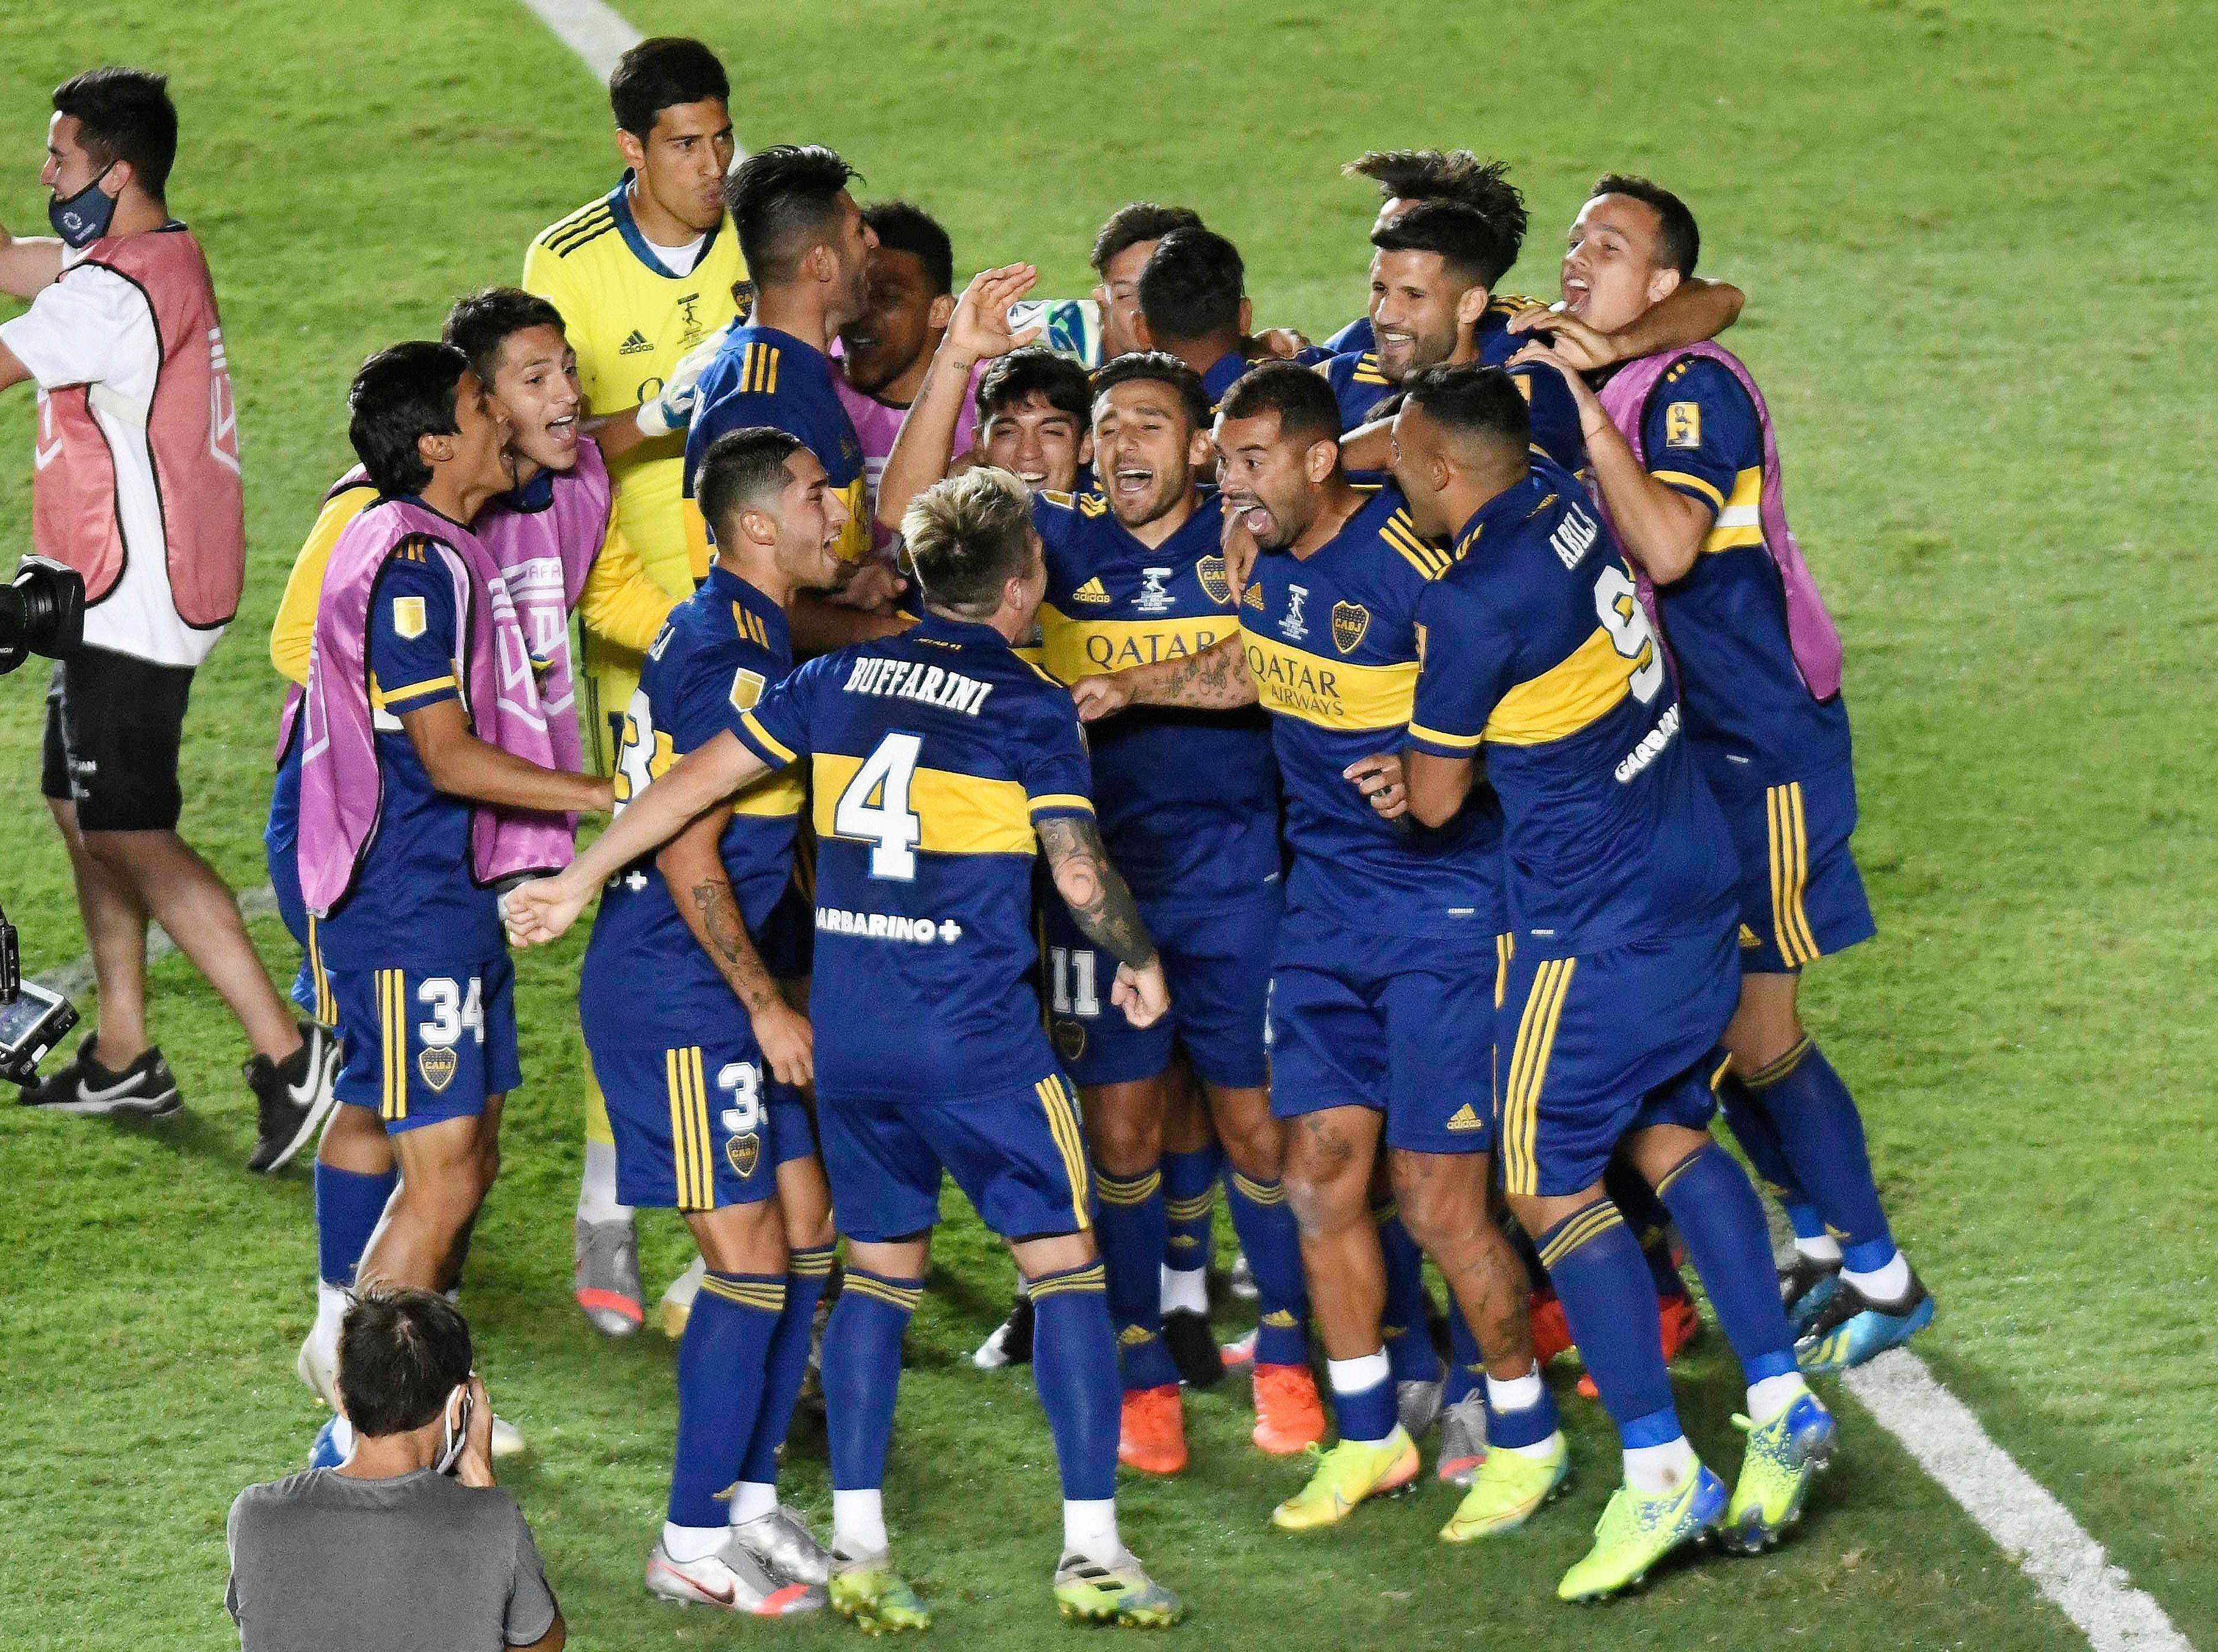 Con este título, Boca superó a Racing (14-13) y se transformó en el equipo que más Copas Nacionales ganó